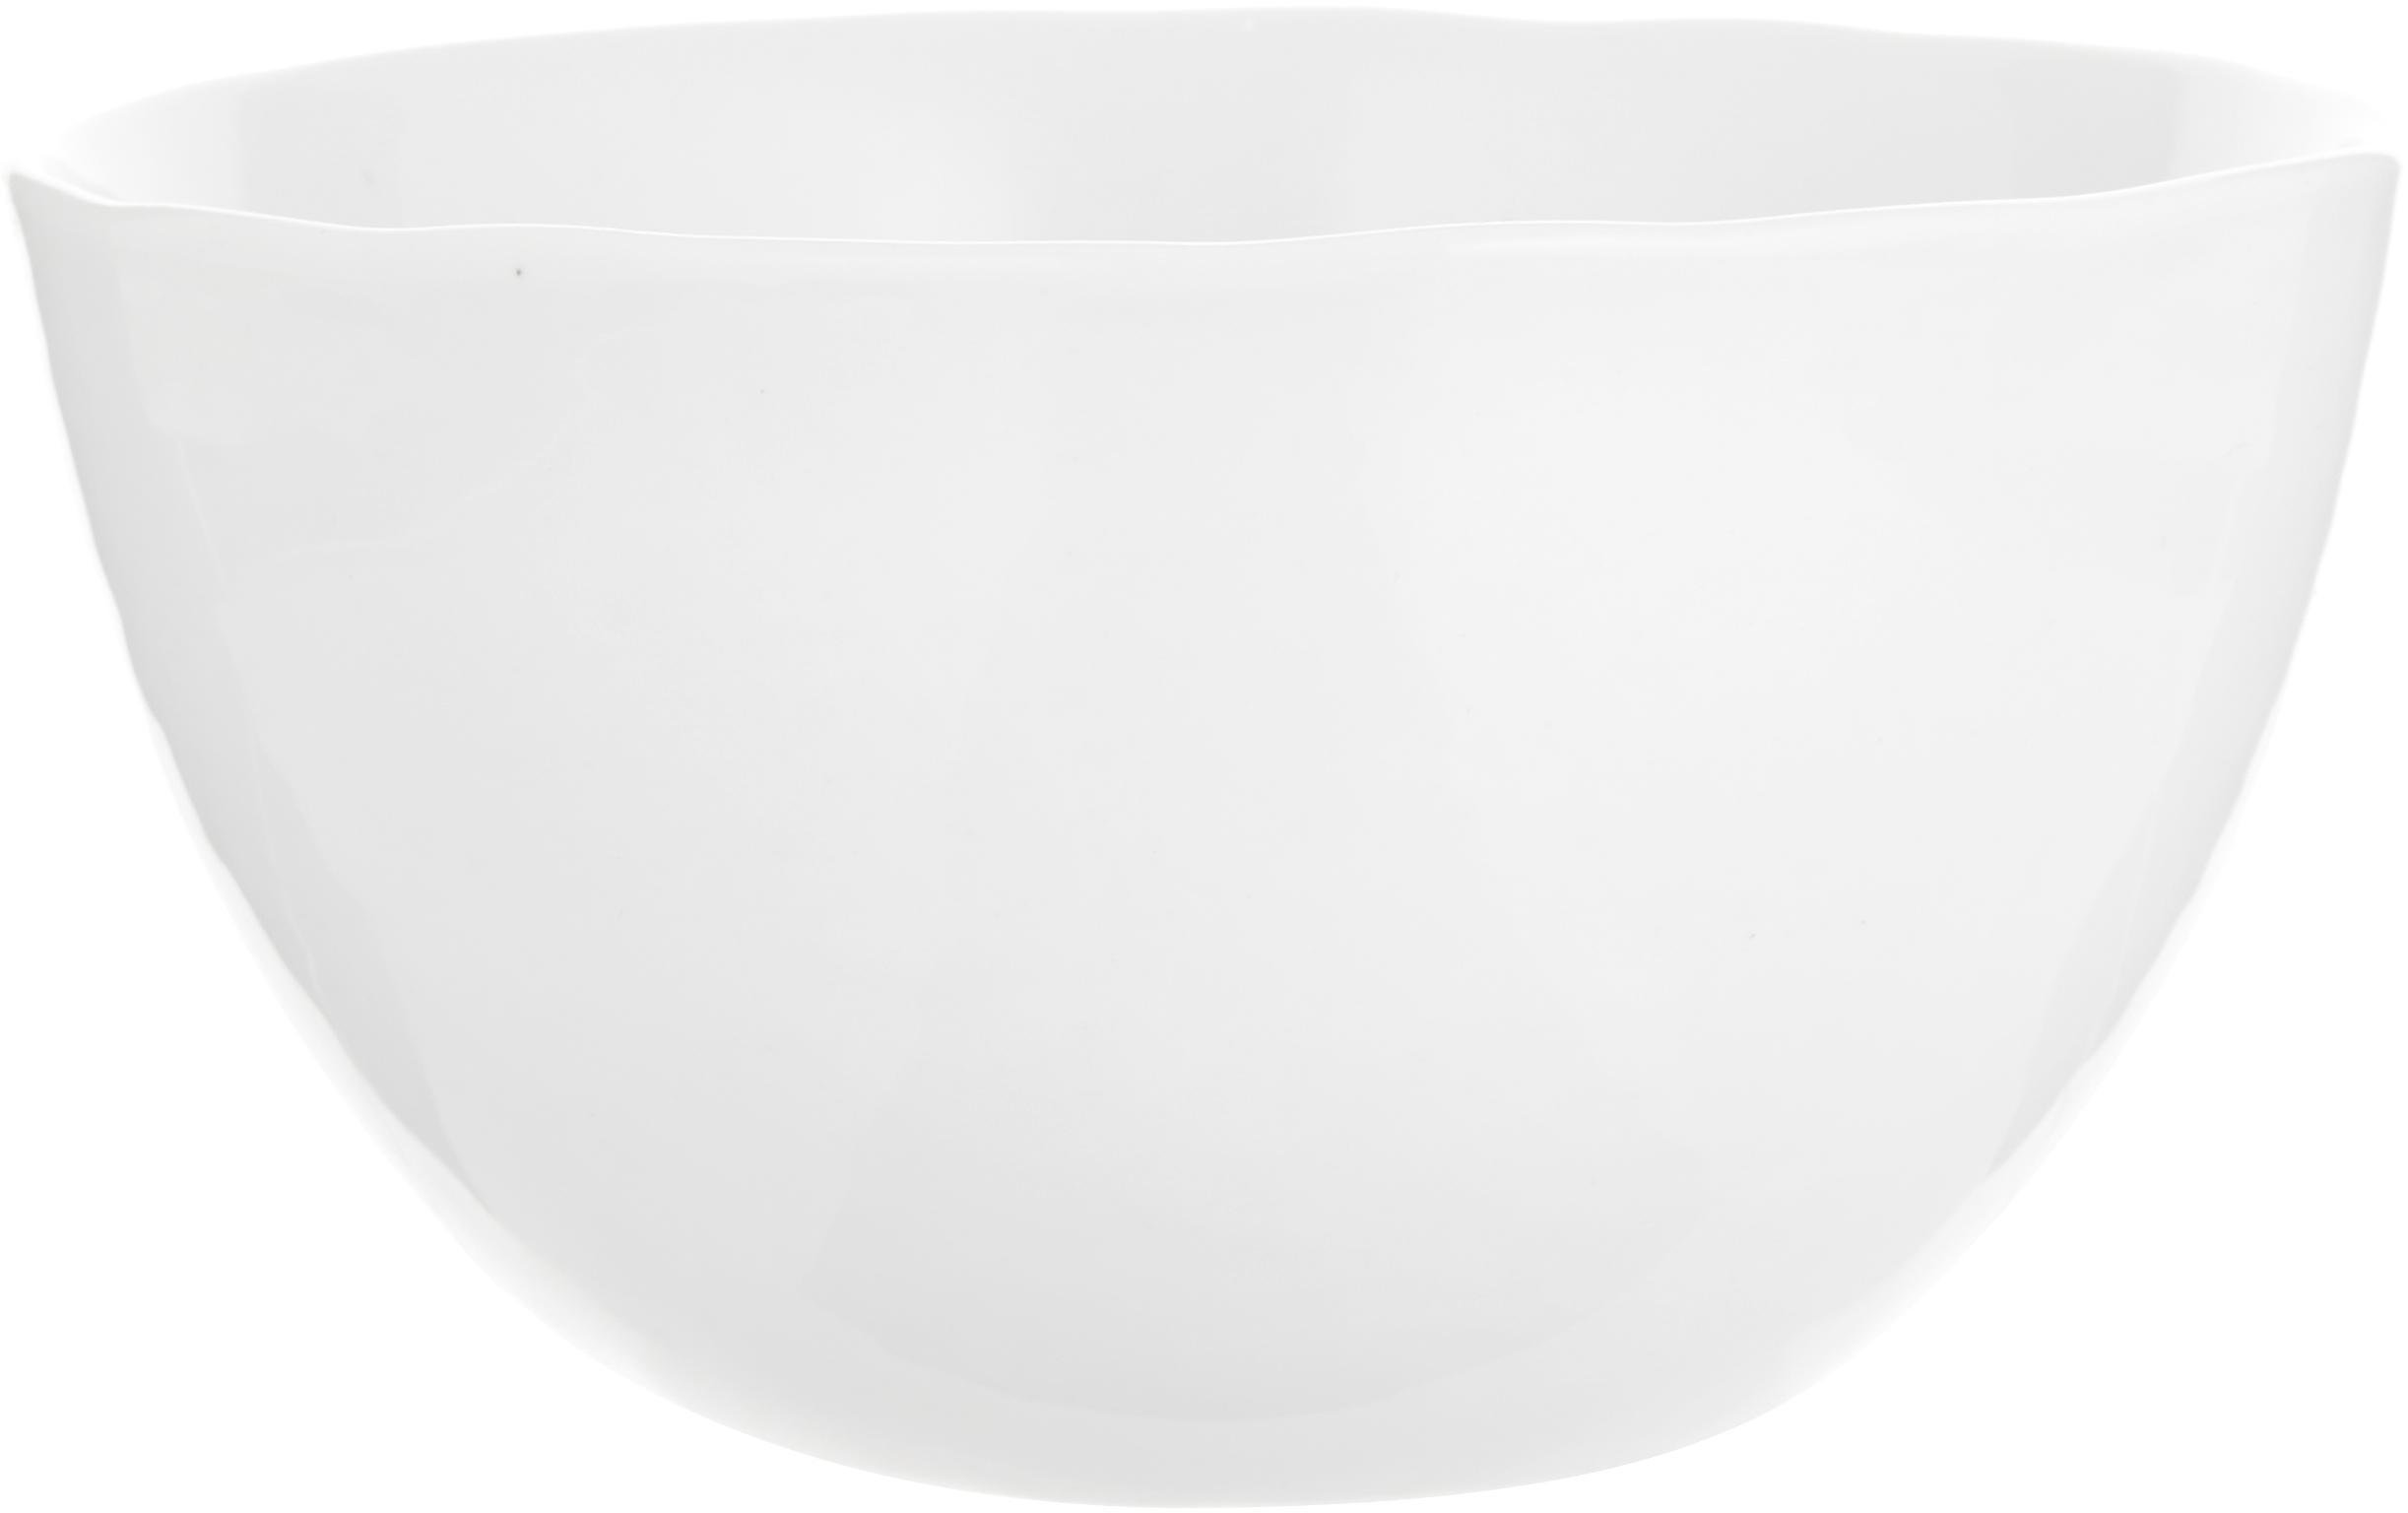 Miska Porcelino, 6 szt., Porcelana o celowo nierównym kształcie, Biały, Ø 15 x 8 cm